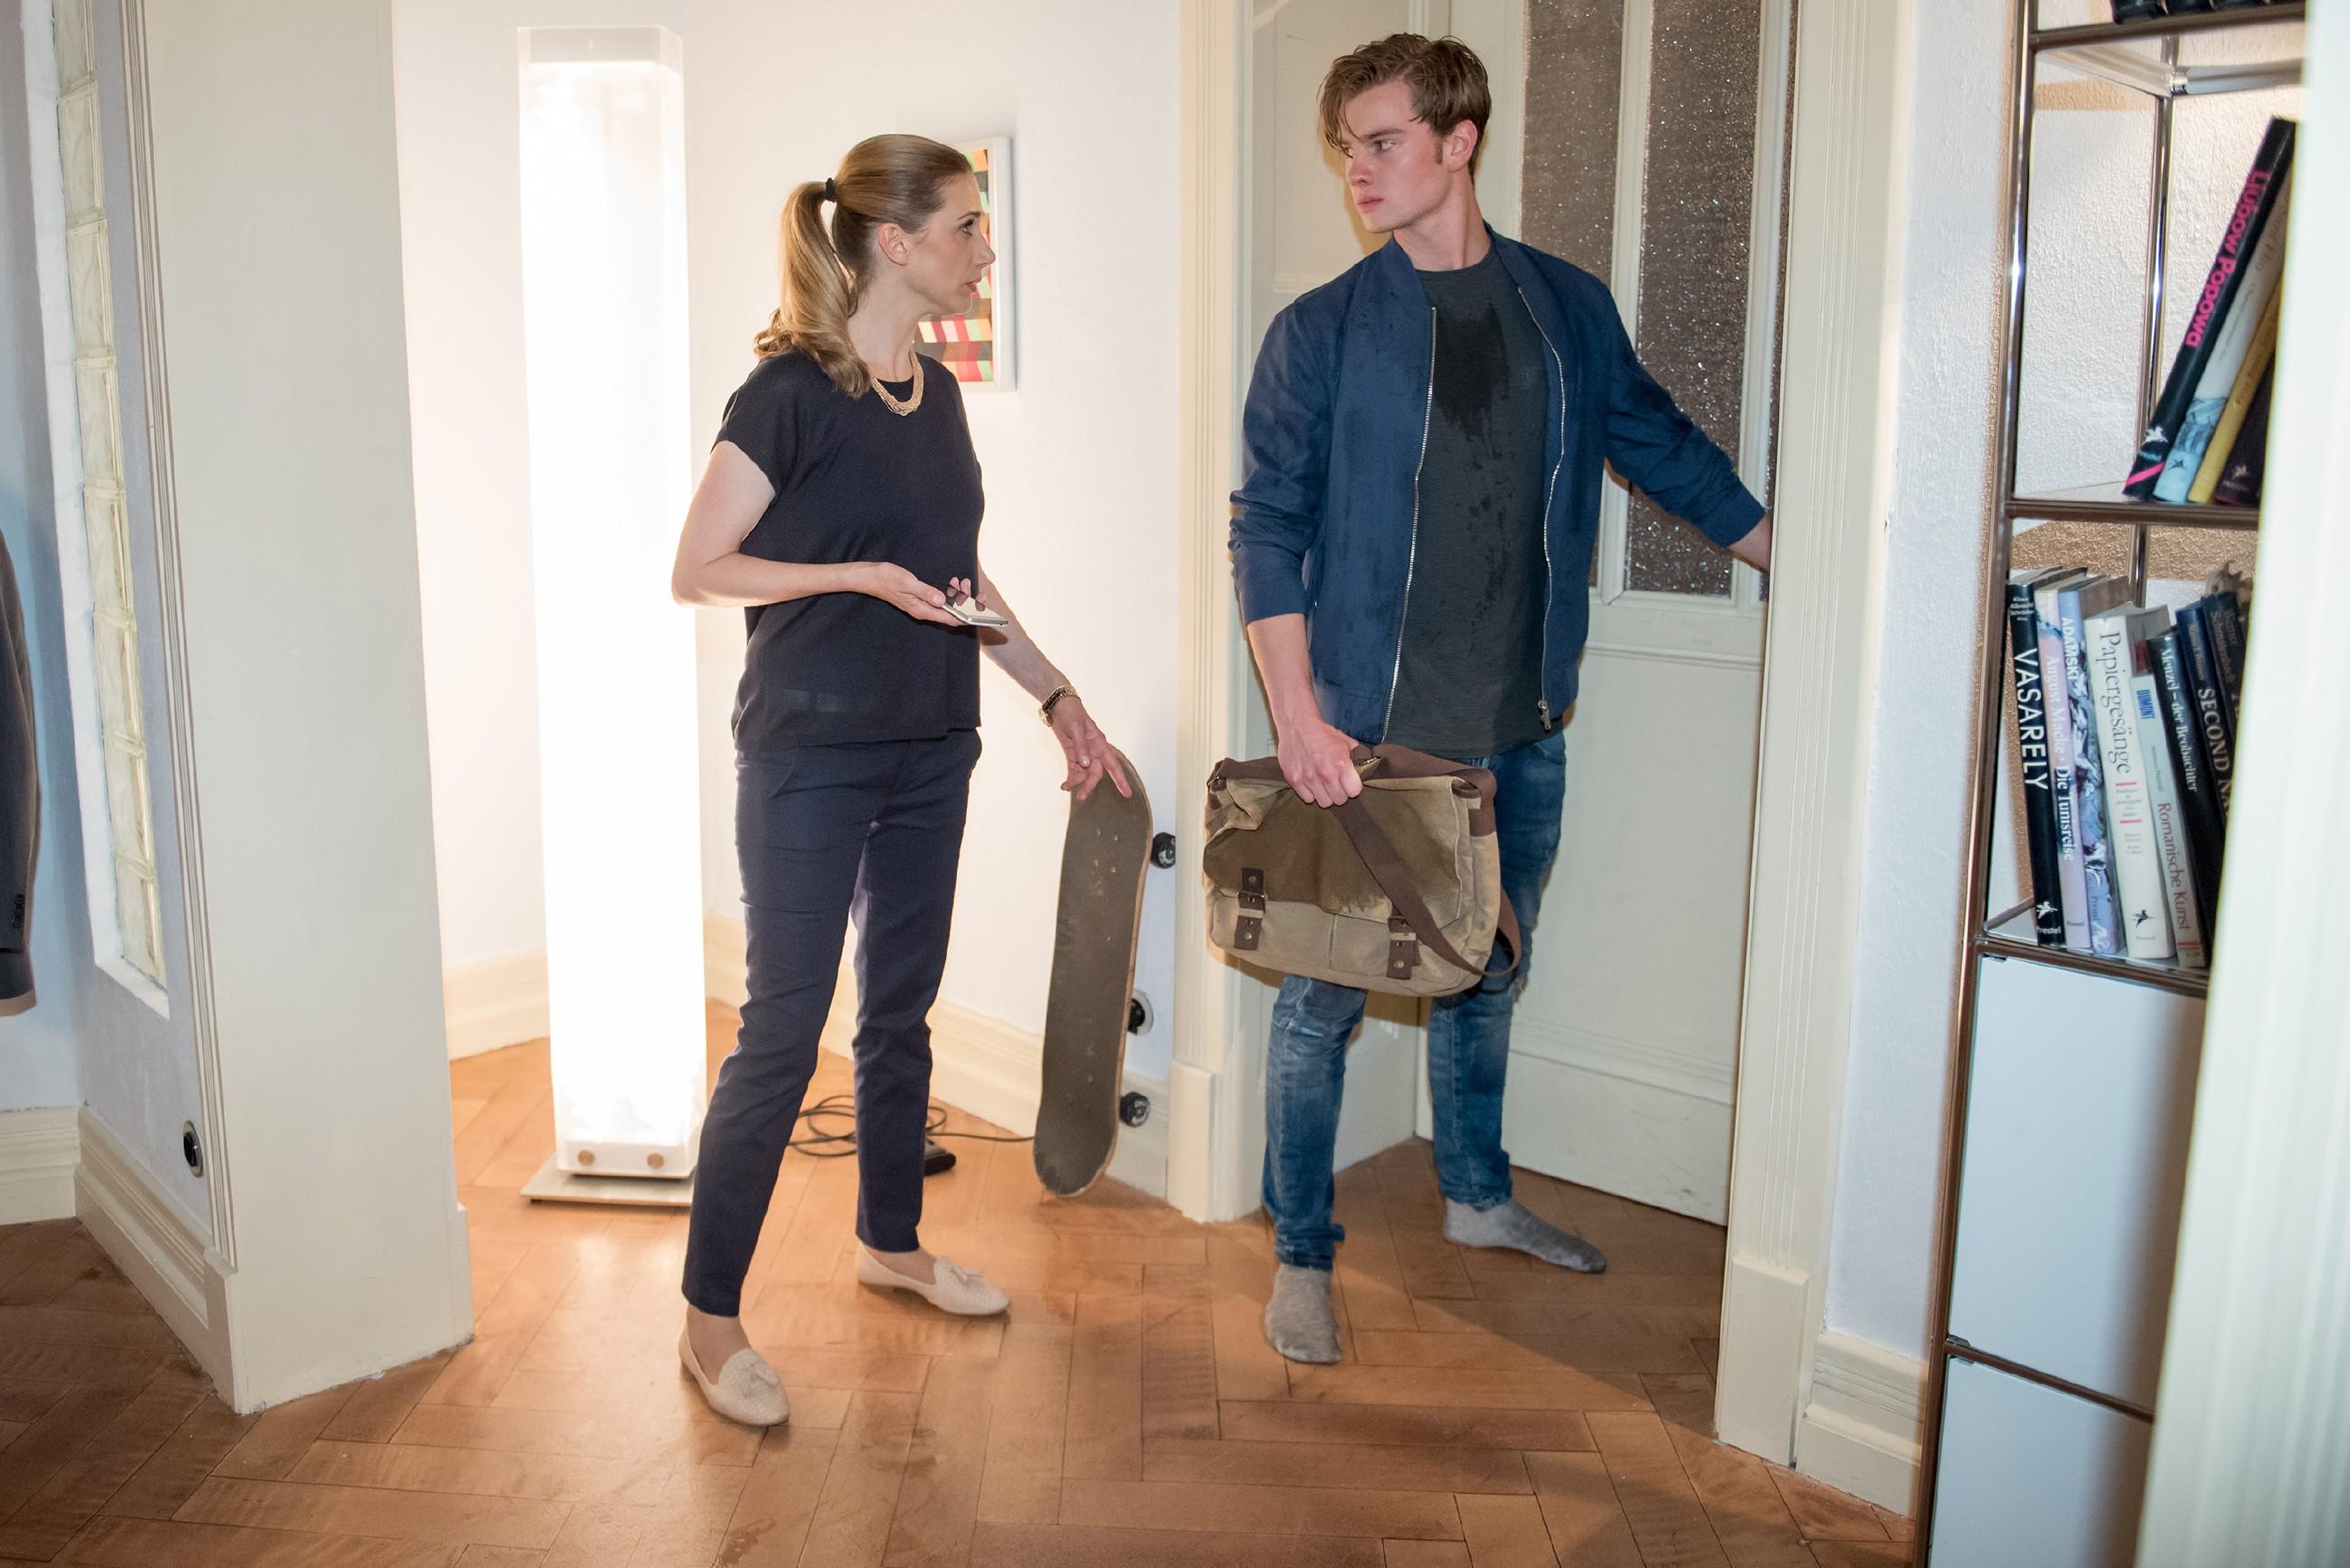 Valentin (Aaron Koszuta) weckt die Sorge seiner Mutter Andrea (Kristin Meyer), als er ohne Handy und Schuhe nach Hause kommt.